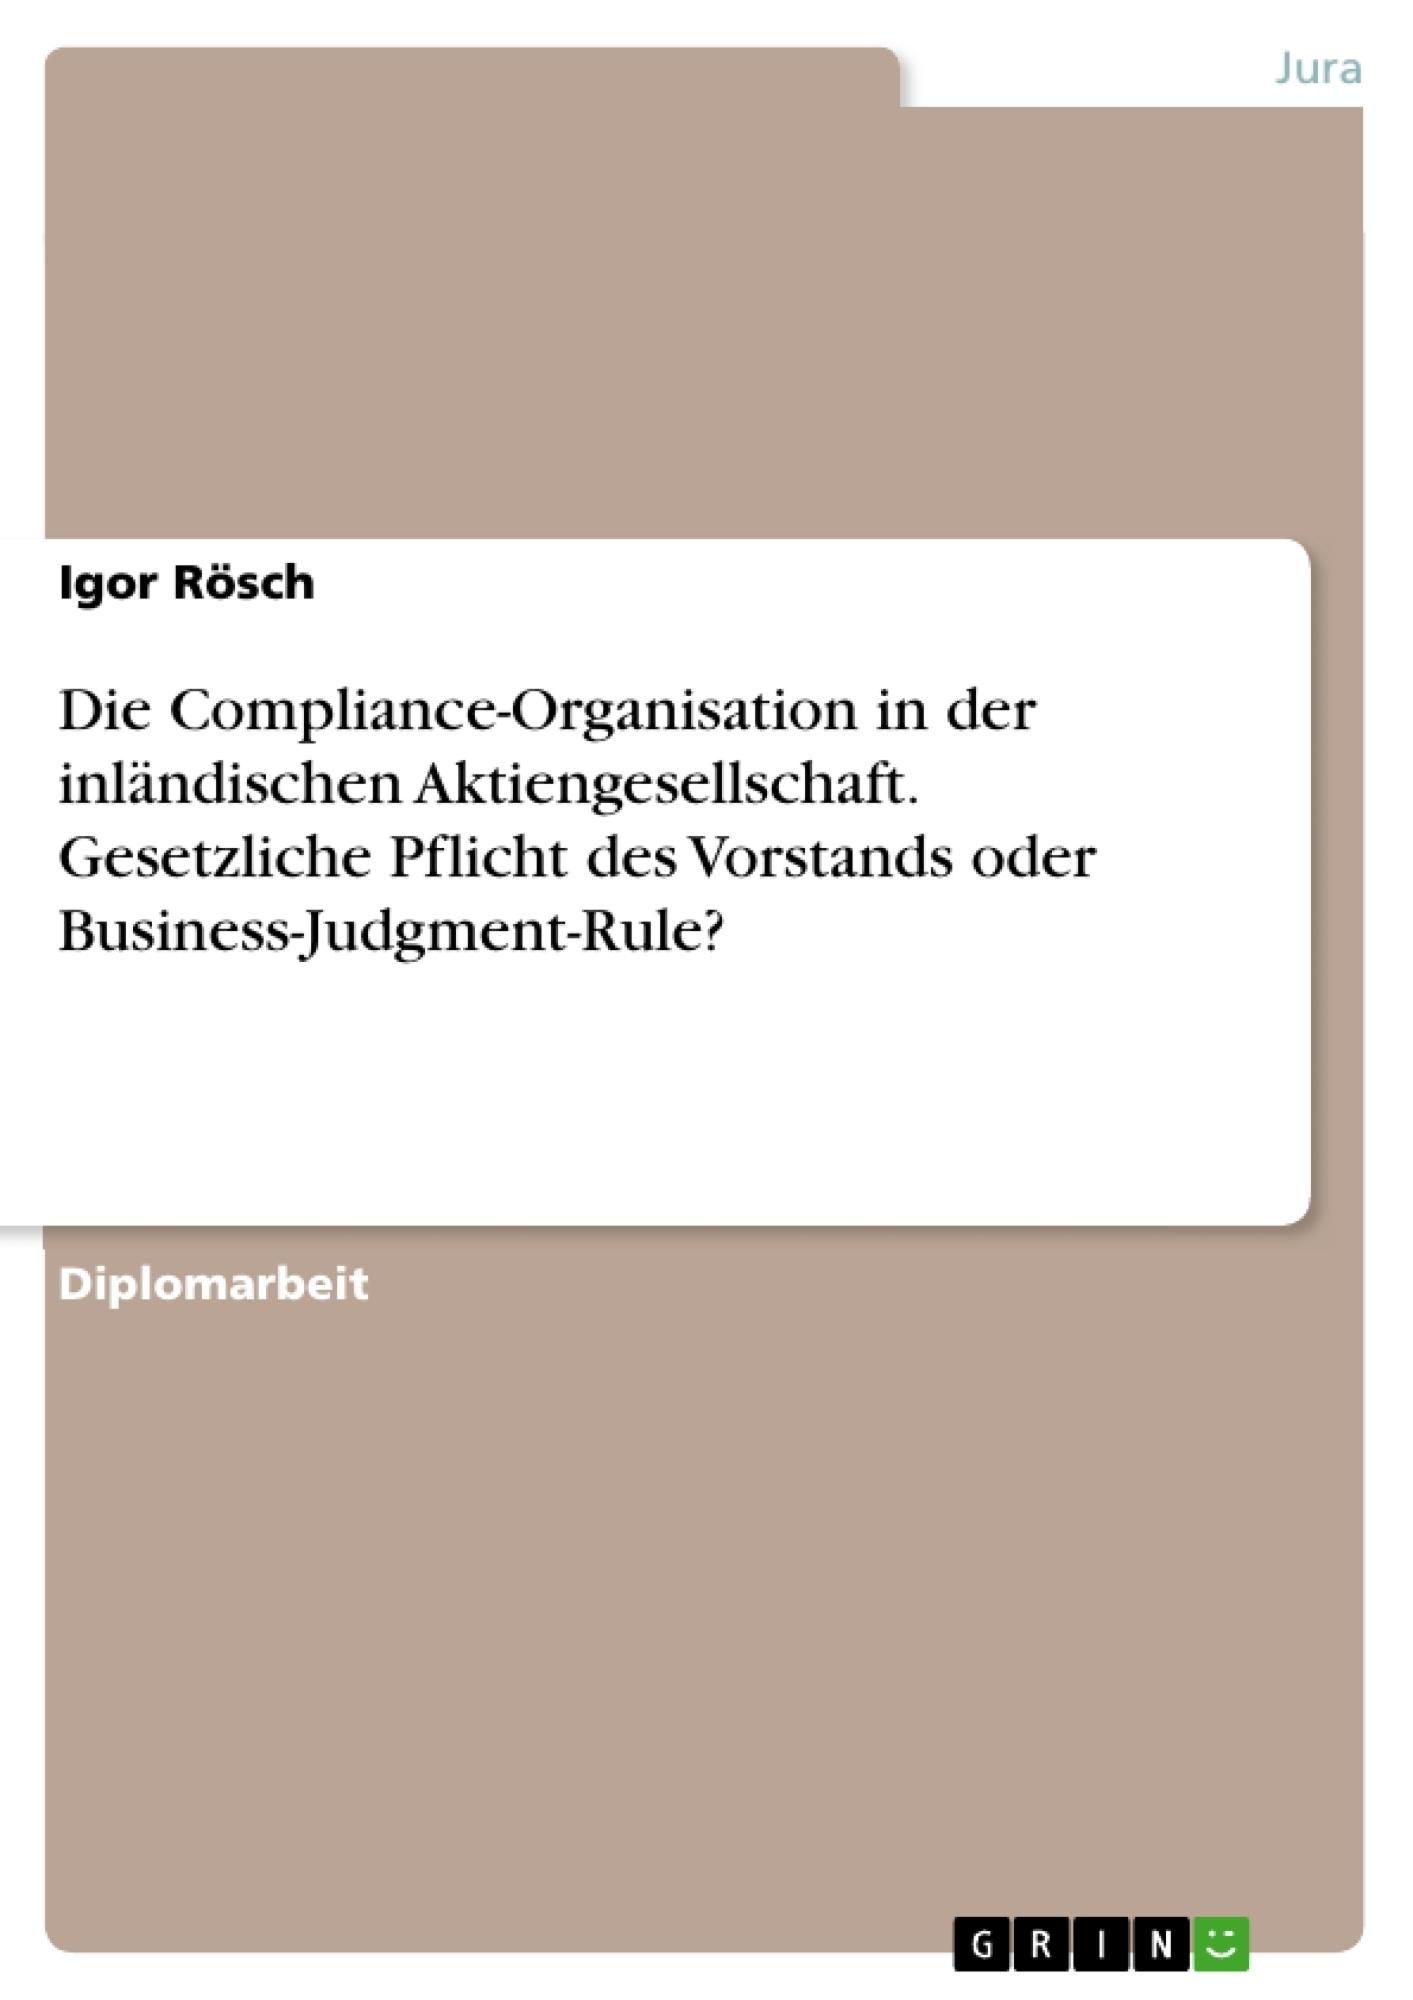 Titel: Die Compliance-Organisation in der inländischen Aktiengesellschaft. Gesetzliche Pflicht des Vorstands oder Business-Judgment-Rule?